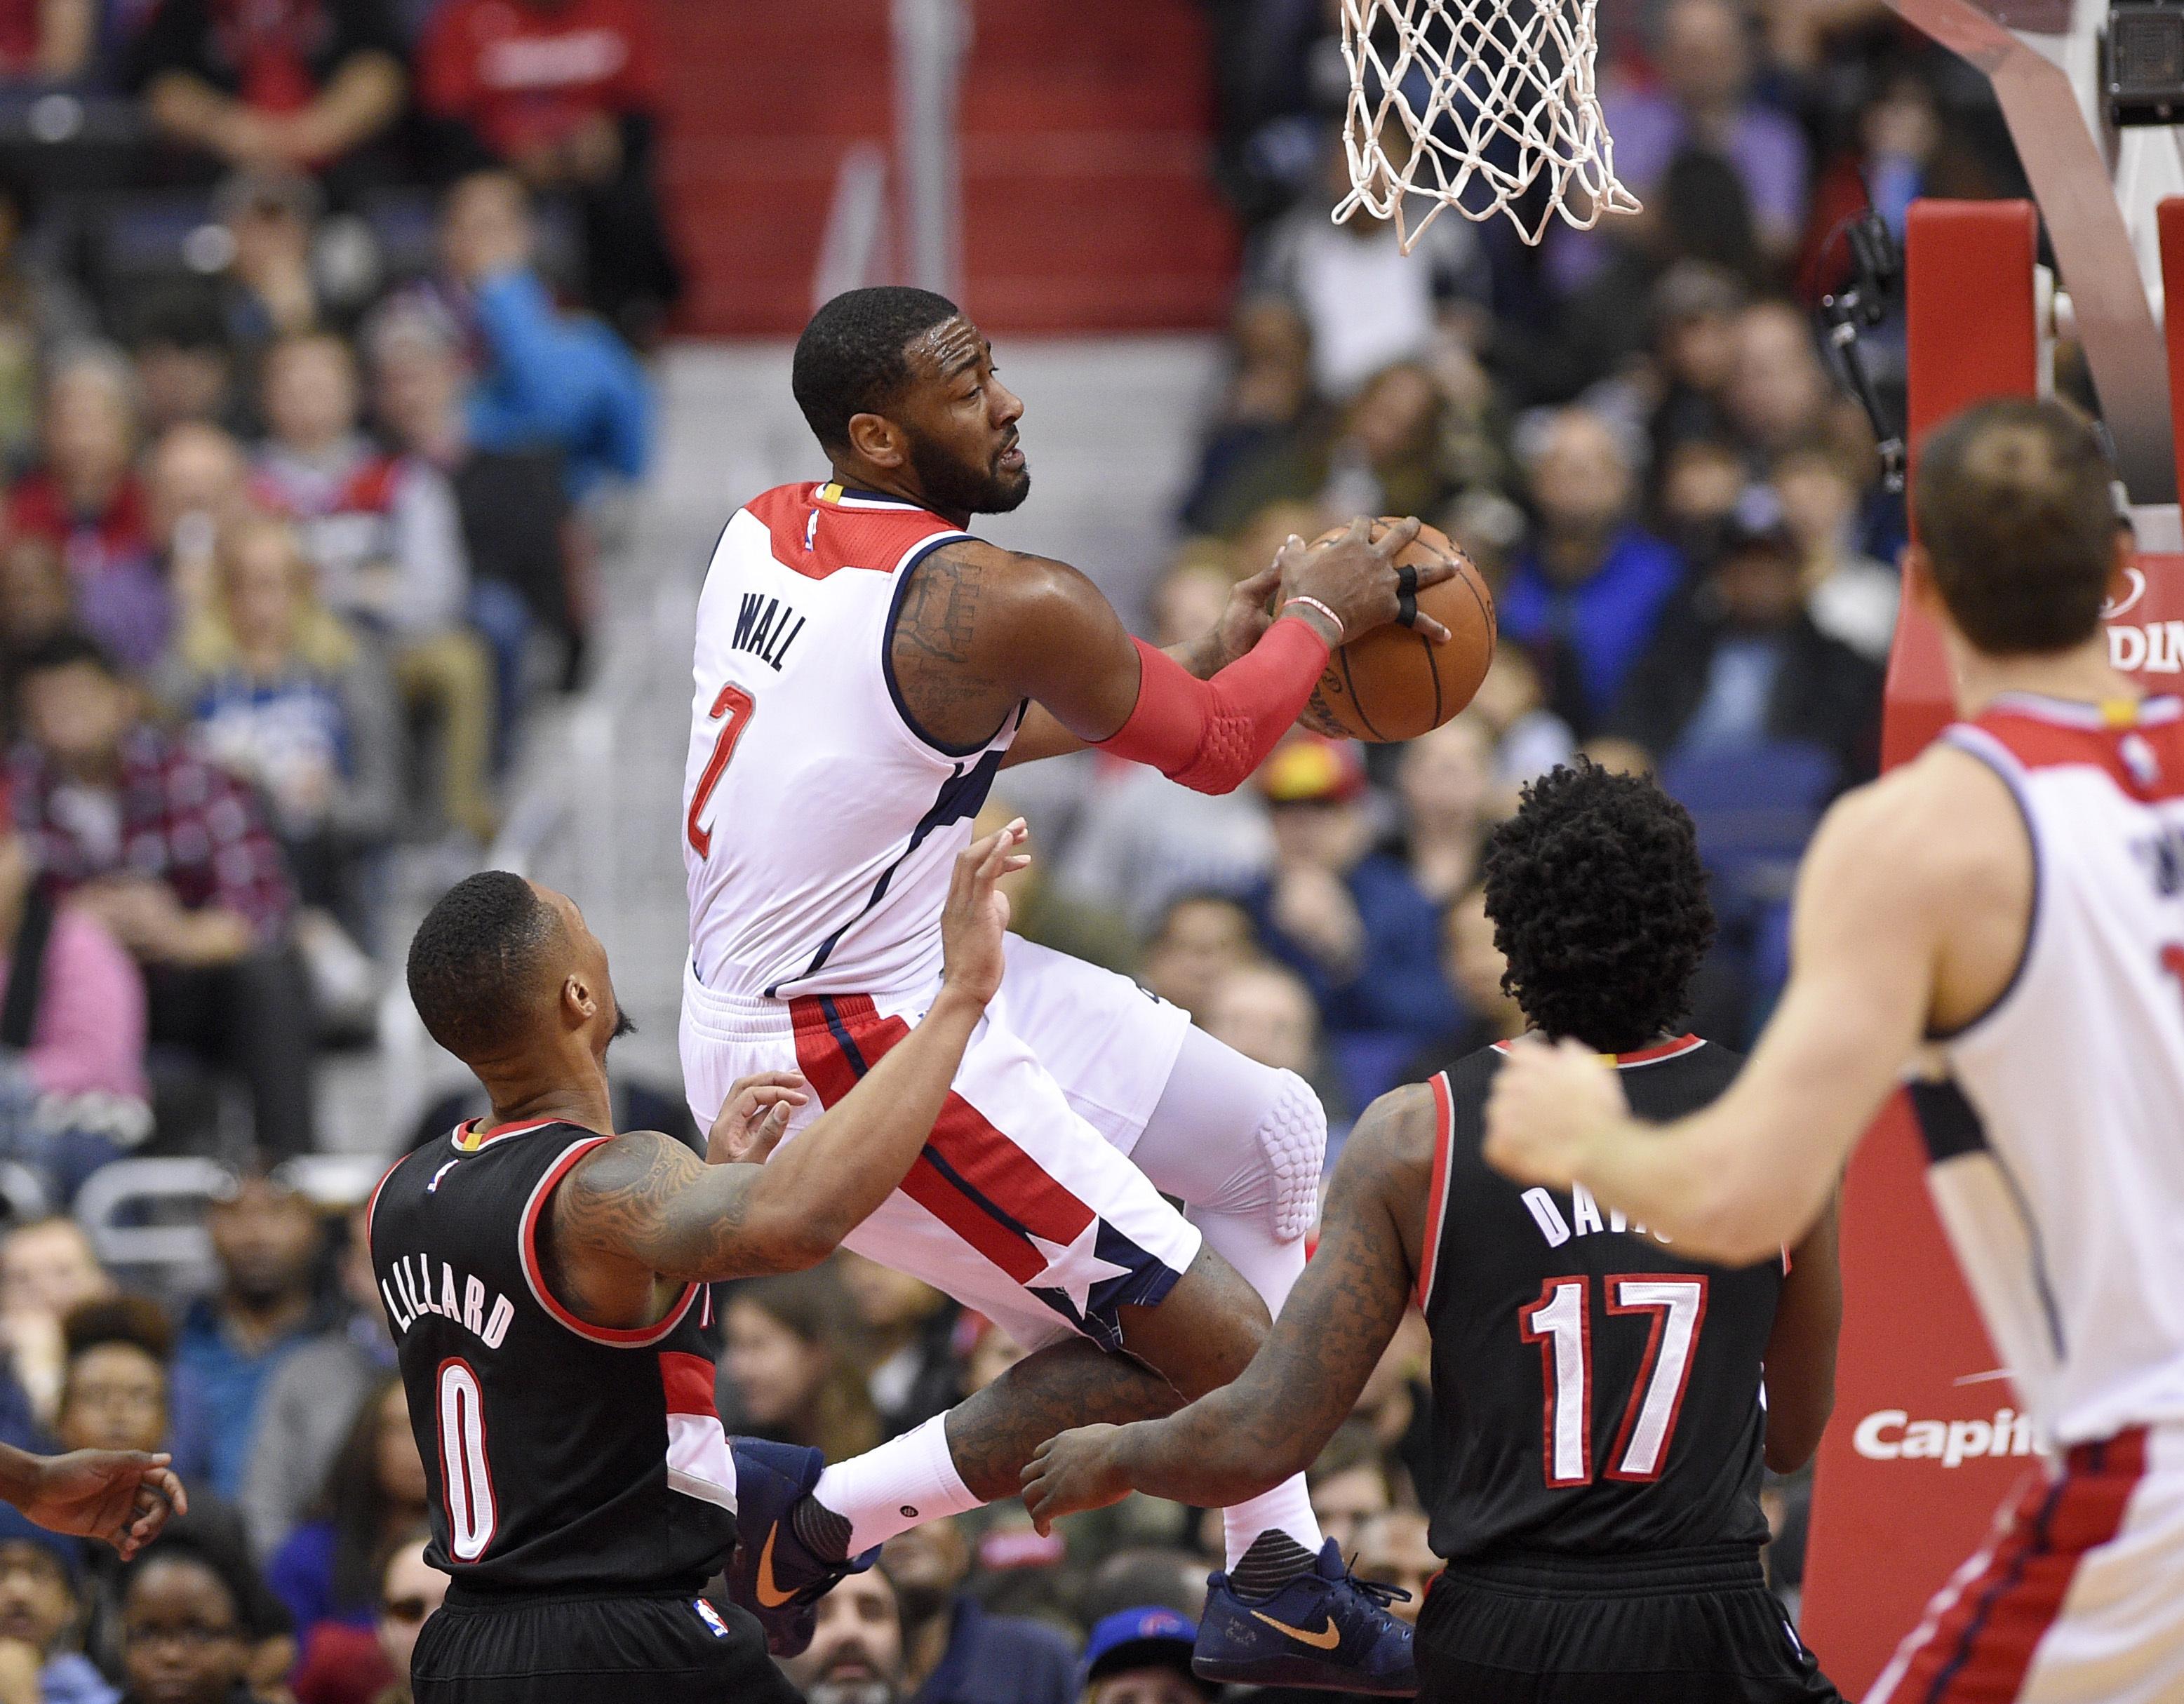 Wizards_basketball_winning_at_home_89676.jpg-ec48a